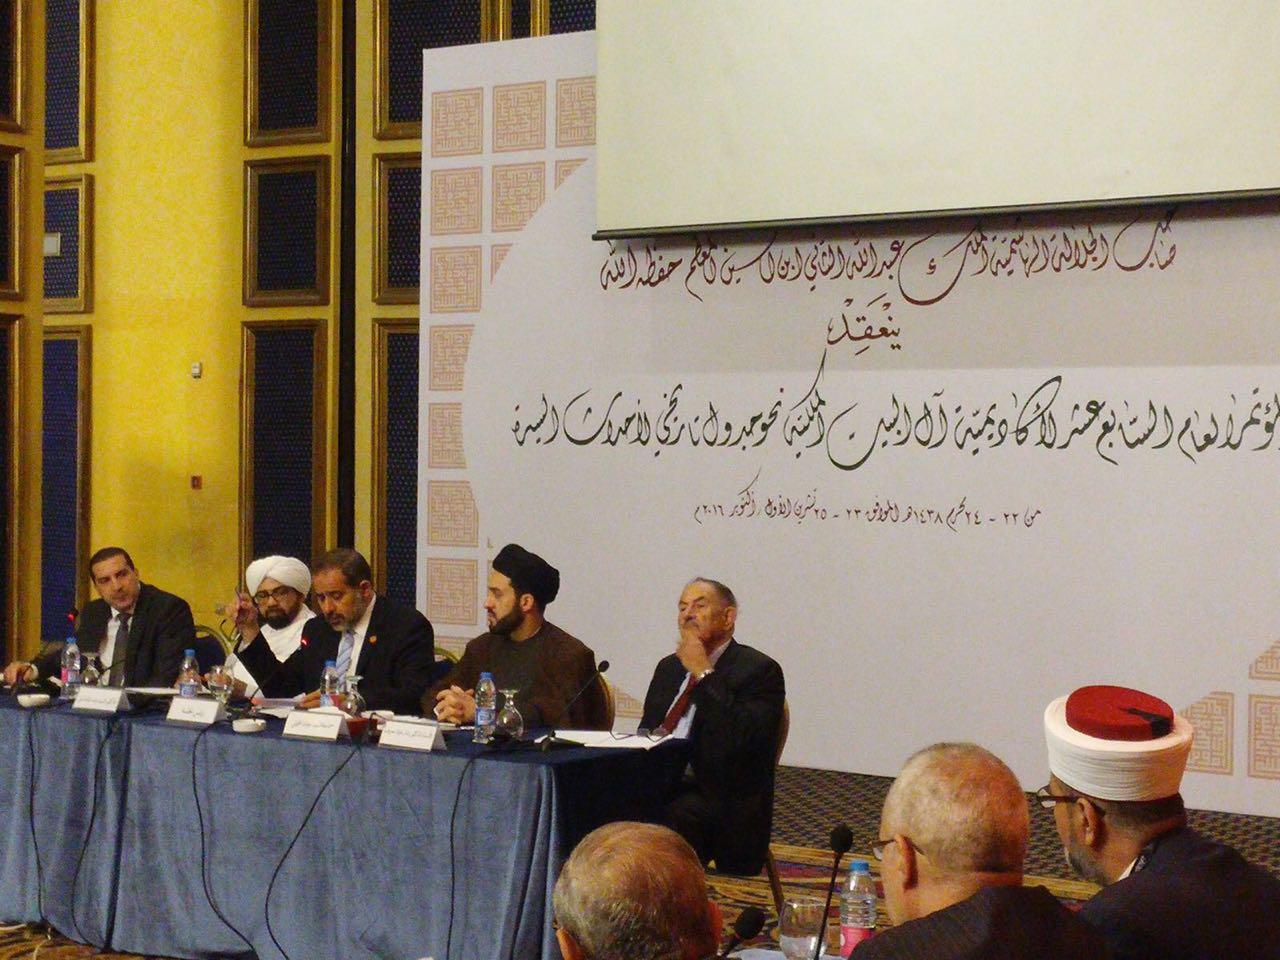 العاصمة الاردنية عمان تحتضن مؤتمرا اسلاميا لأكاديمية ال البيت الملكية